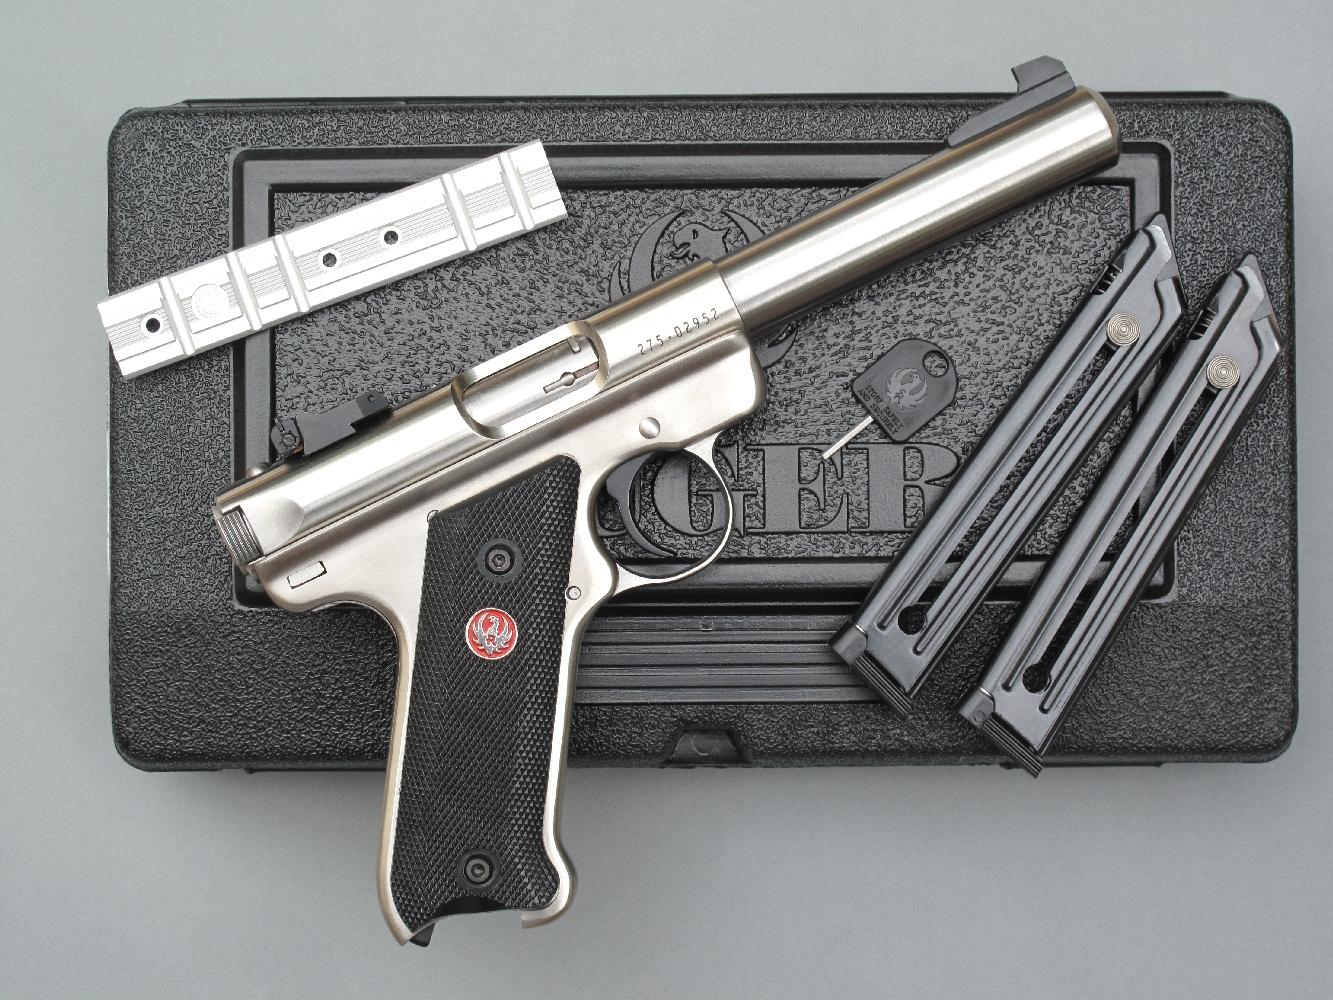 Ce pistolet semi-automatique est livré dans un coffret en plastique moulé, accompagné par deux chargeurs de dix coups, un rail Weaver pour la fixation éventuelle d'une visée optique et une clé pour activer la sécurité anti-tiers dont il est doté.